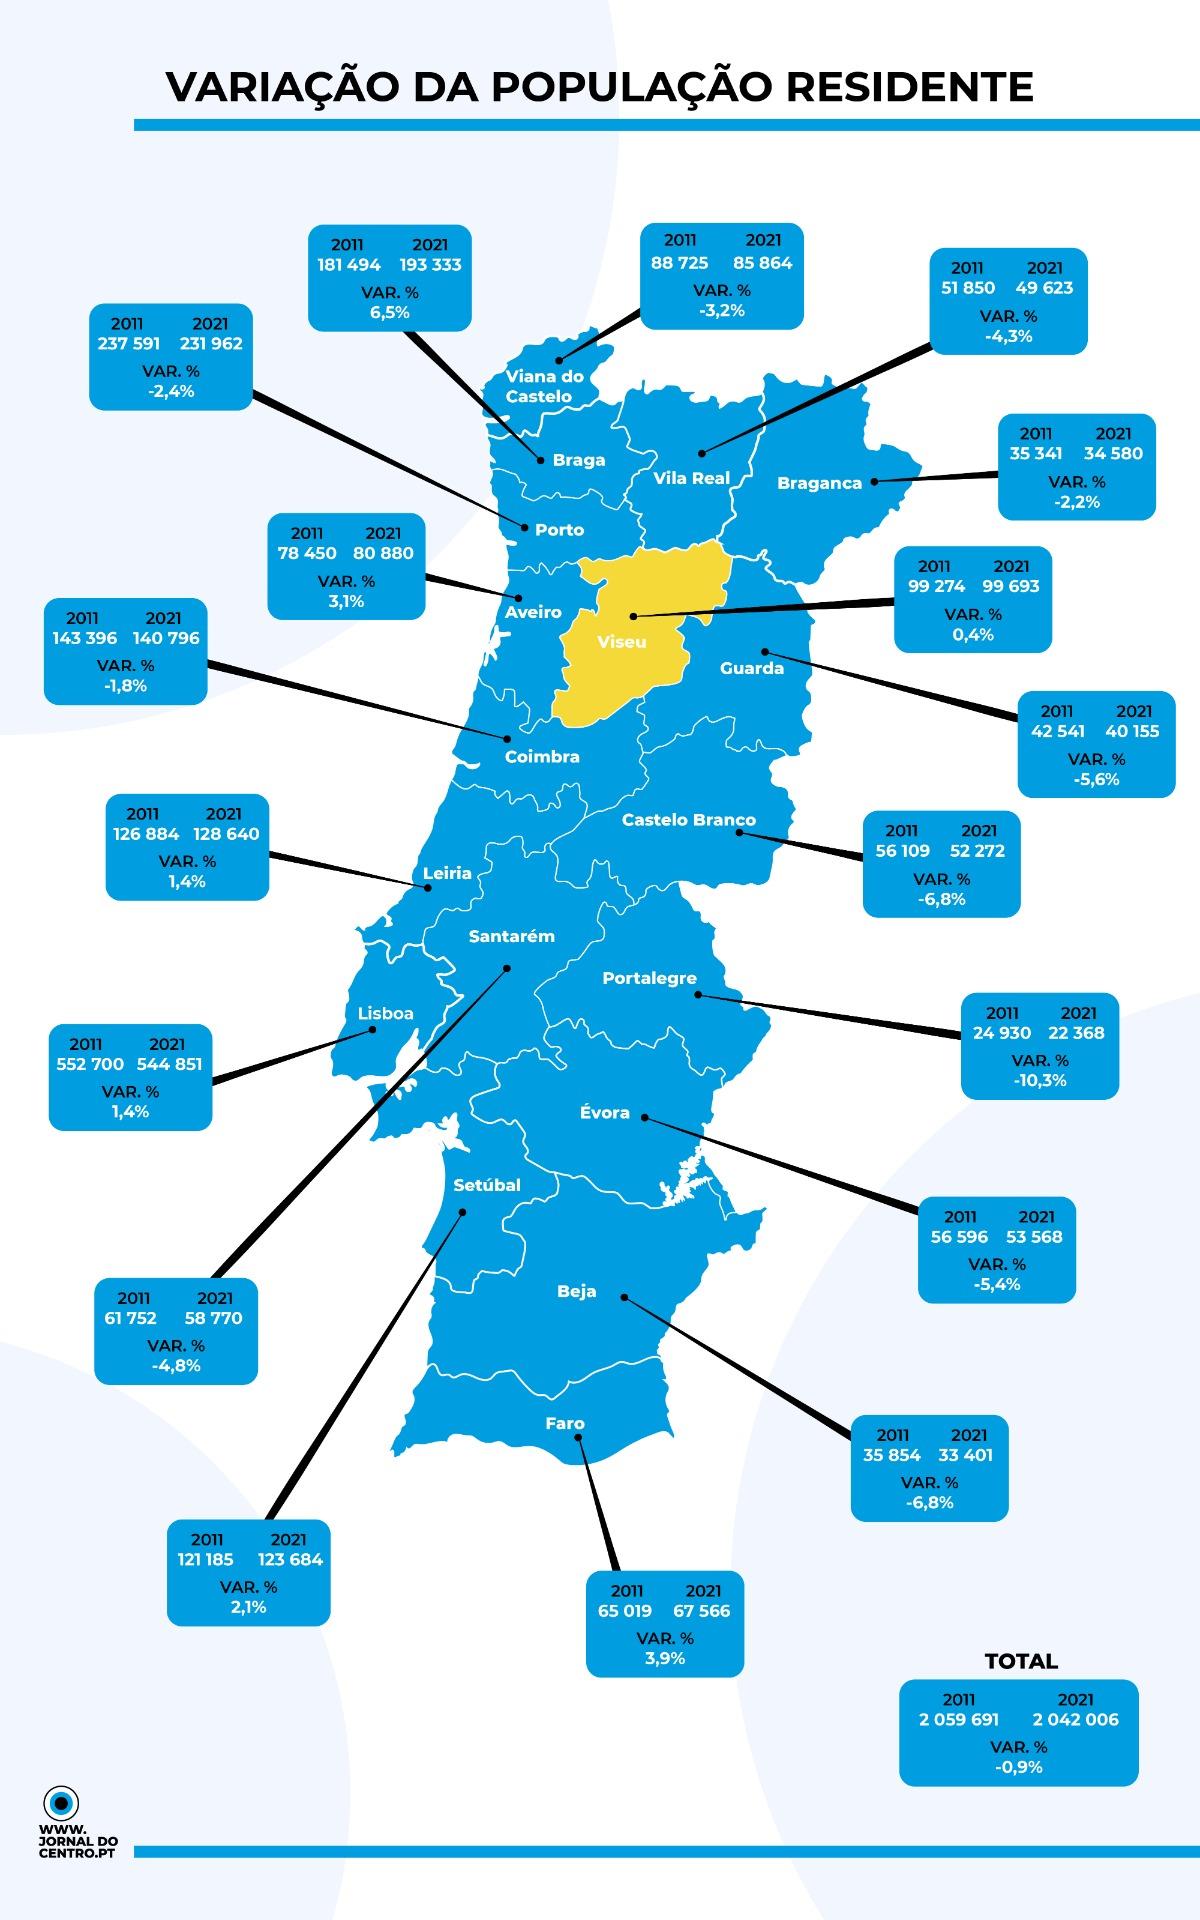 censos distrito